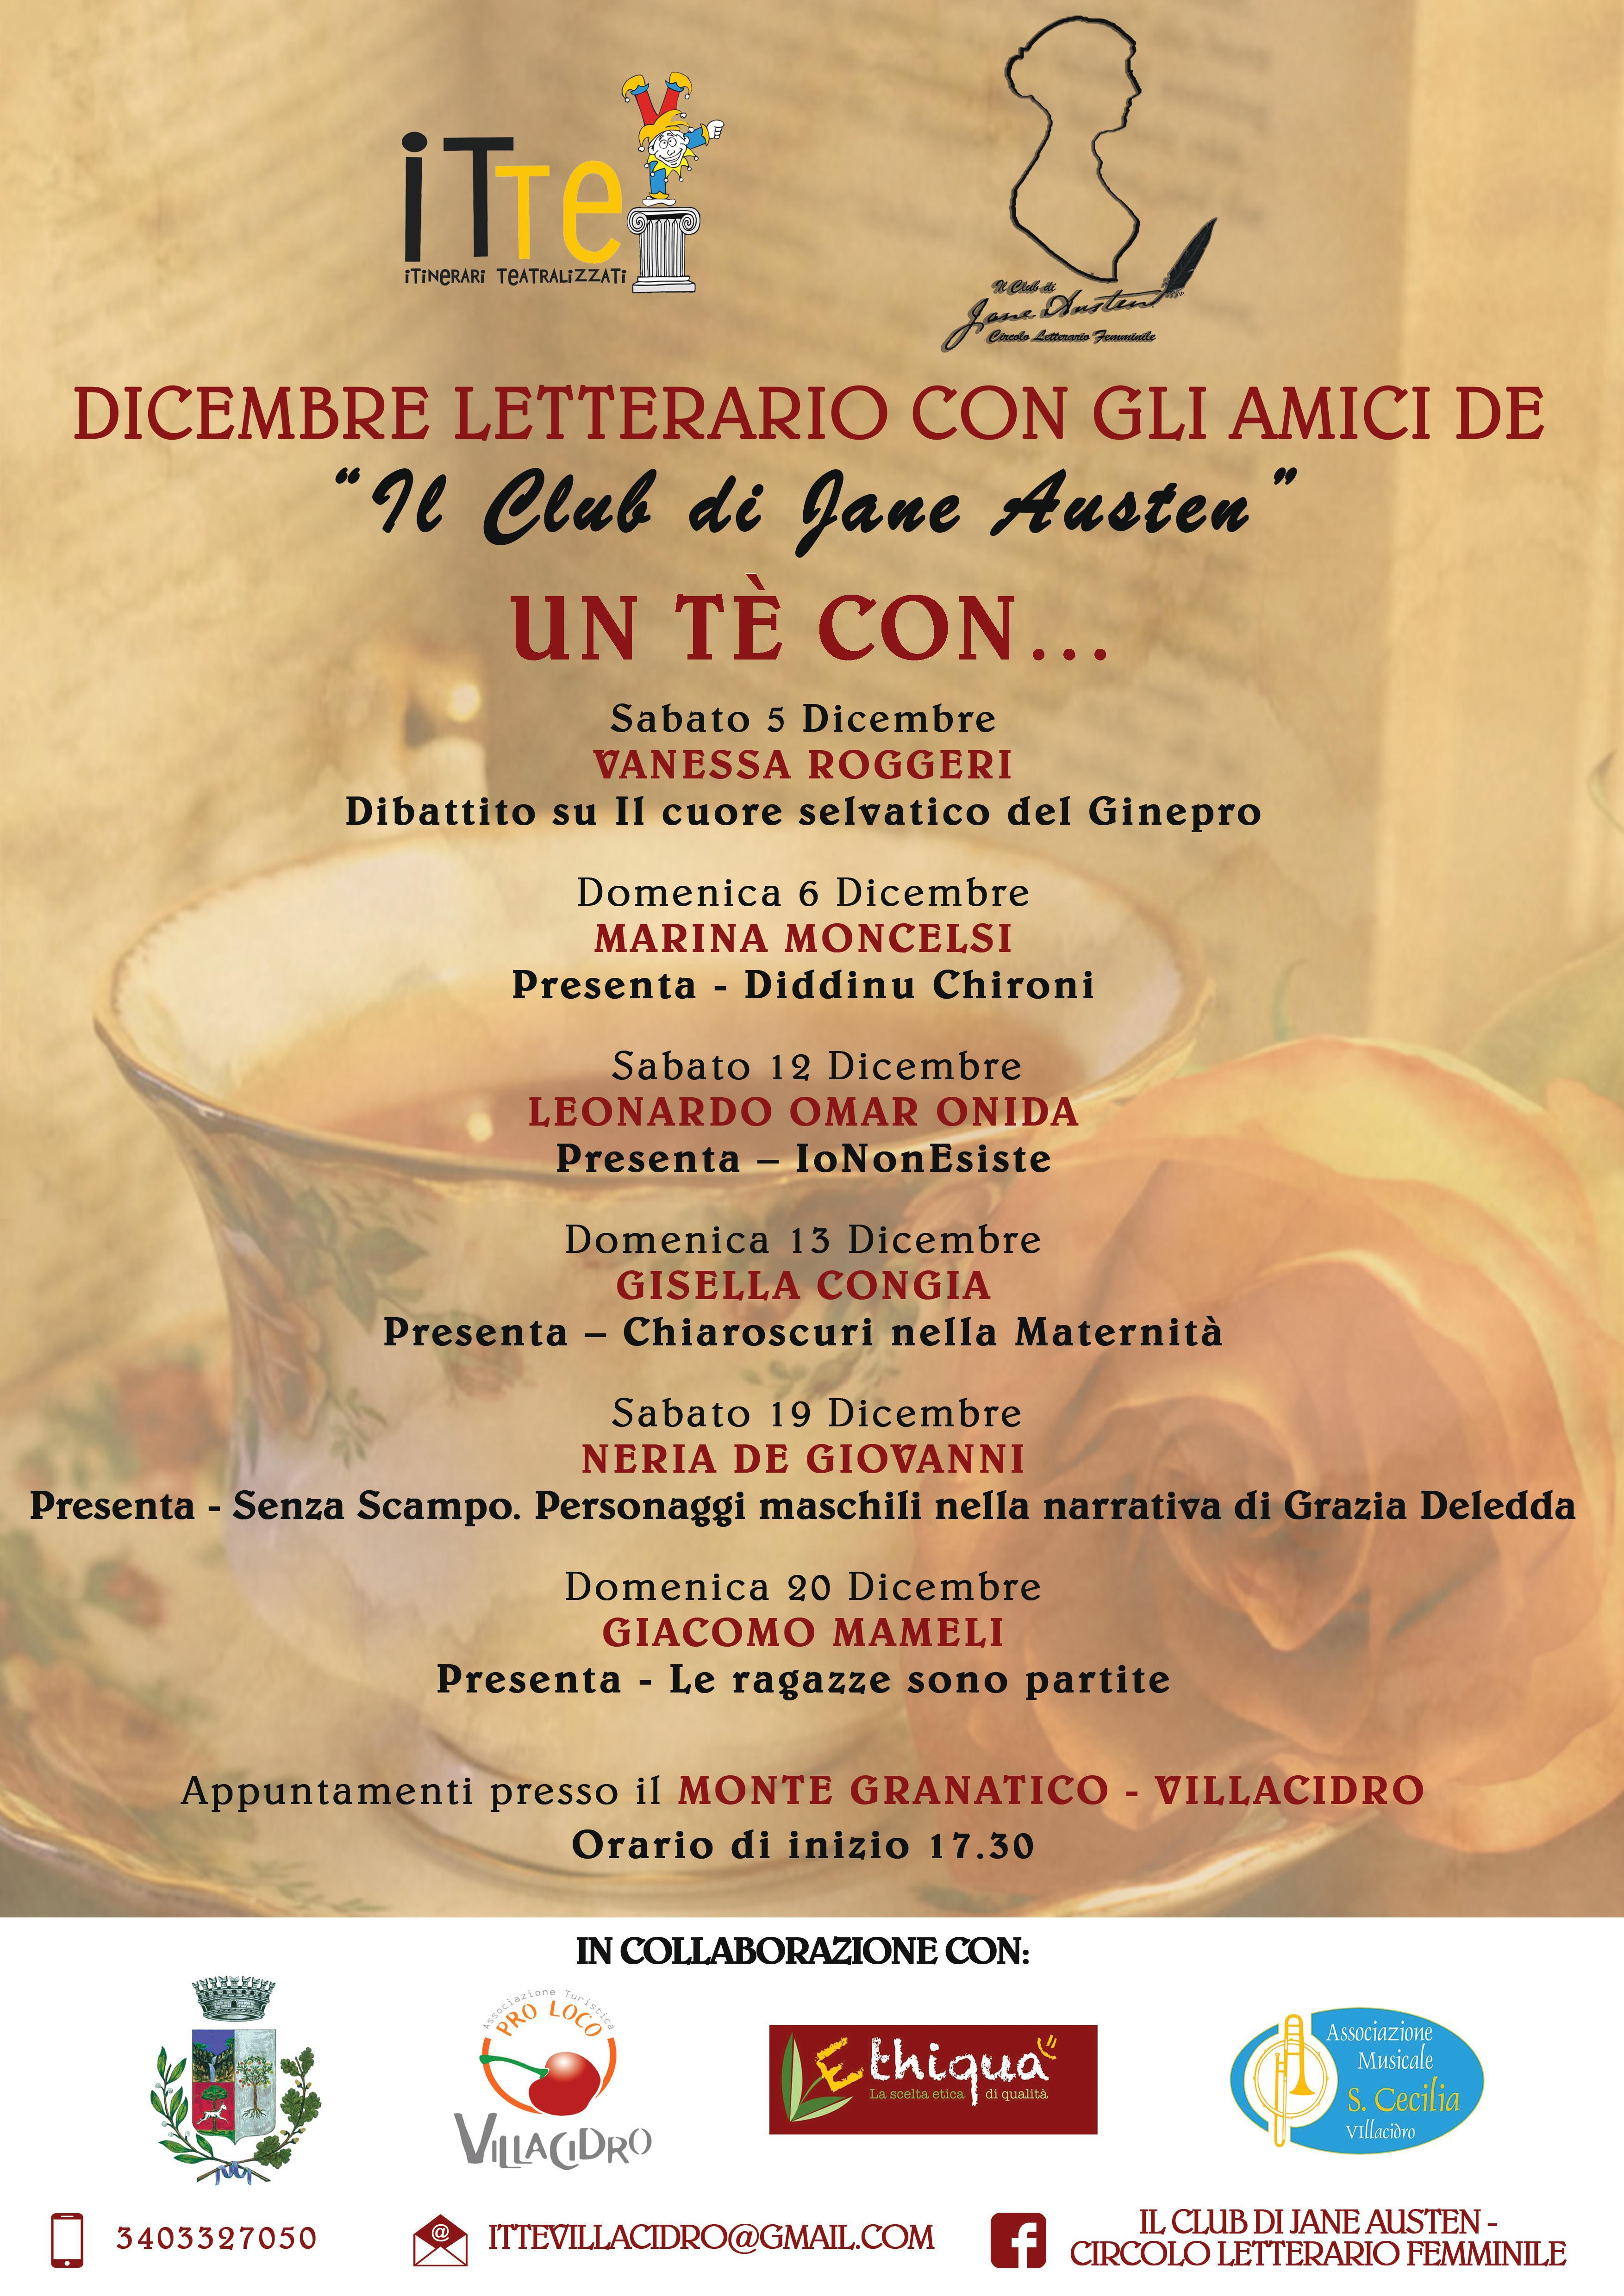 """Dicembre Letterario. Dicembre Letterario 2015 con gli amici de """"Il Club di Jane Austen-Circolo Letterario Femminile""""."""